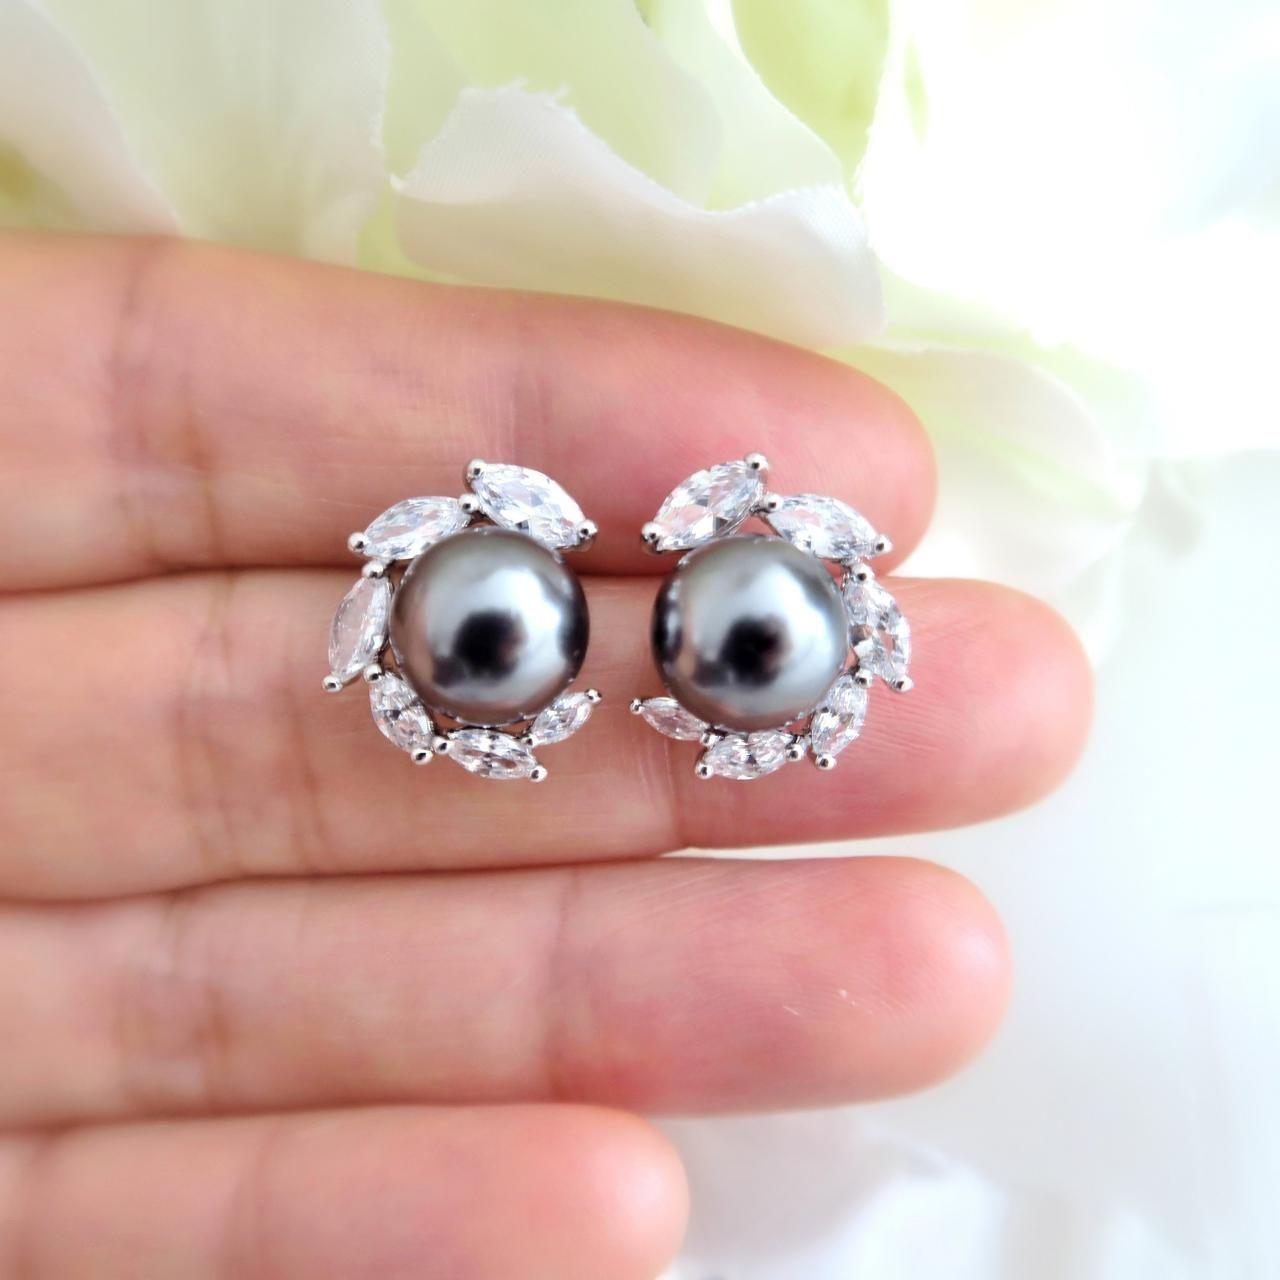 Dark Grey Pearl Earrings Wedding Earrings Bridesmaid Stud Earrings Bridesmaid Gift Earrings Dark Grey Stud Pearl Bridesmaid Earrings